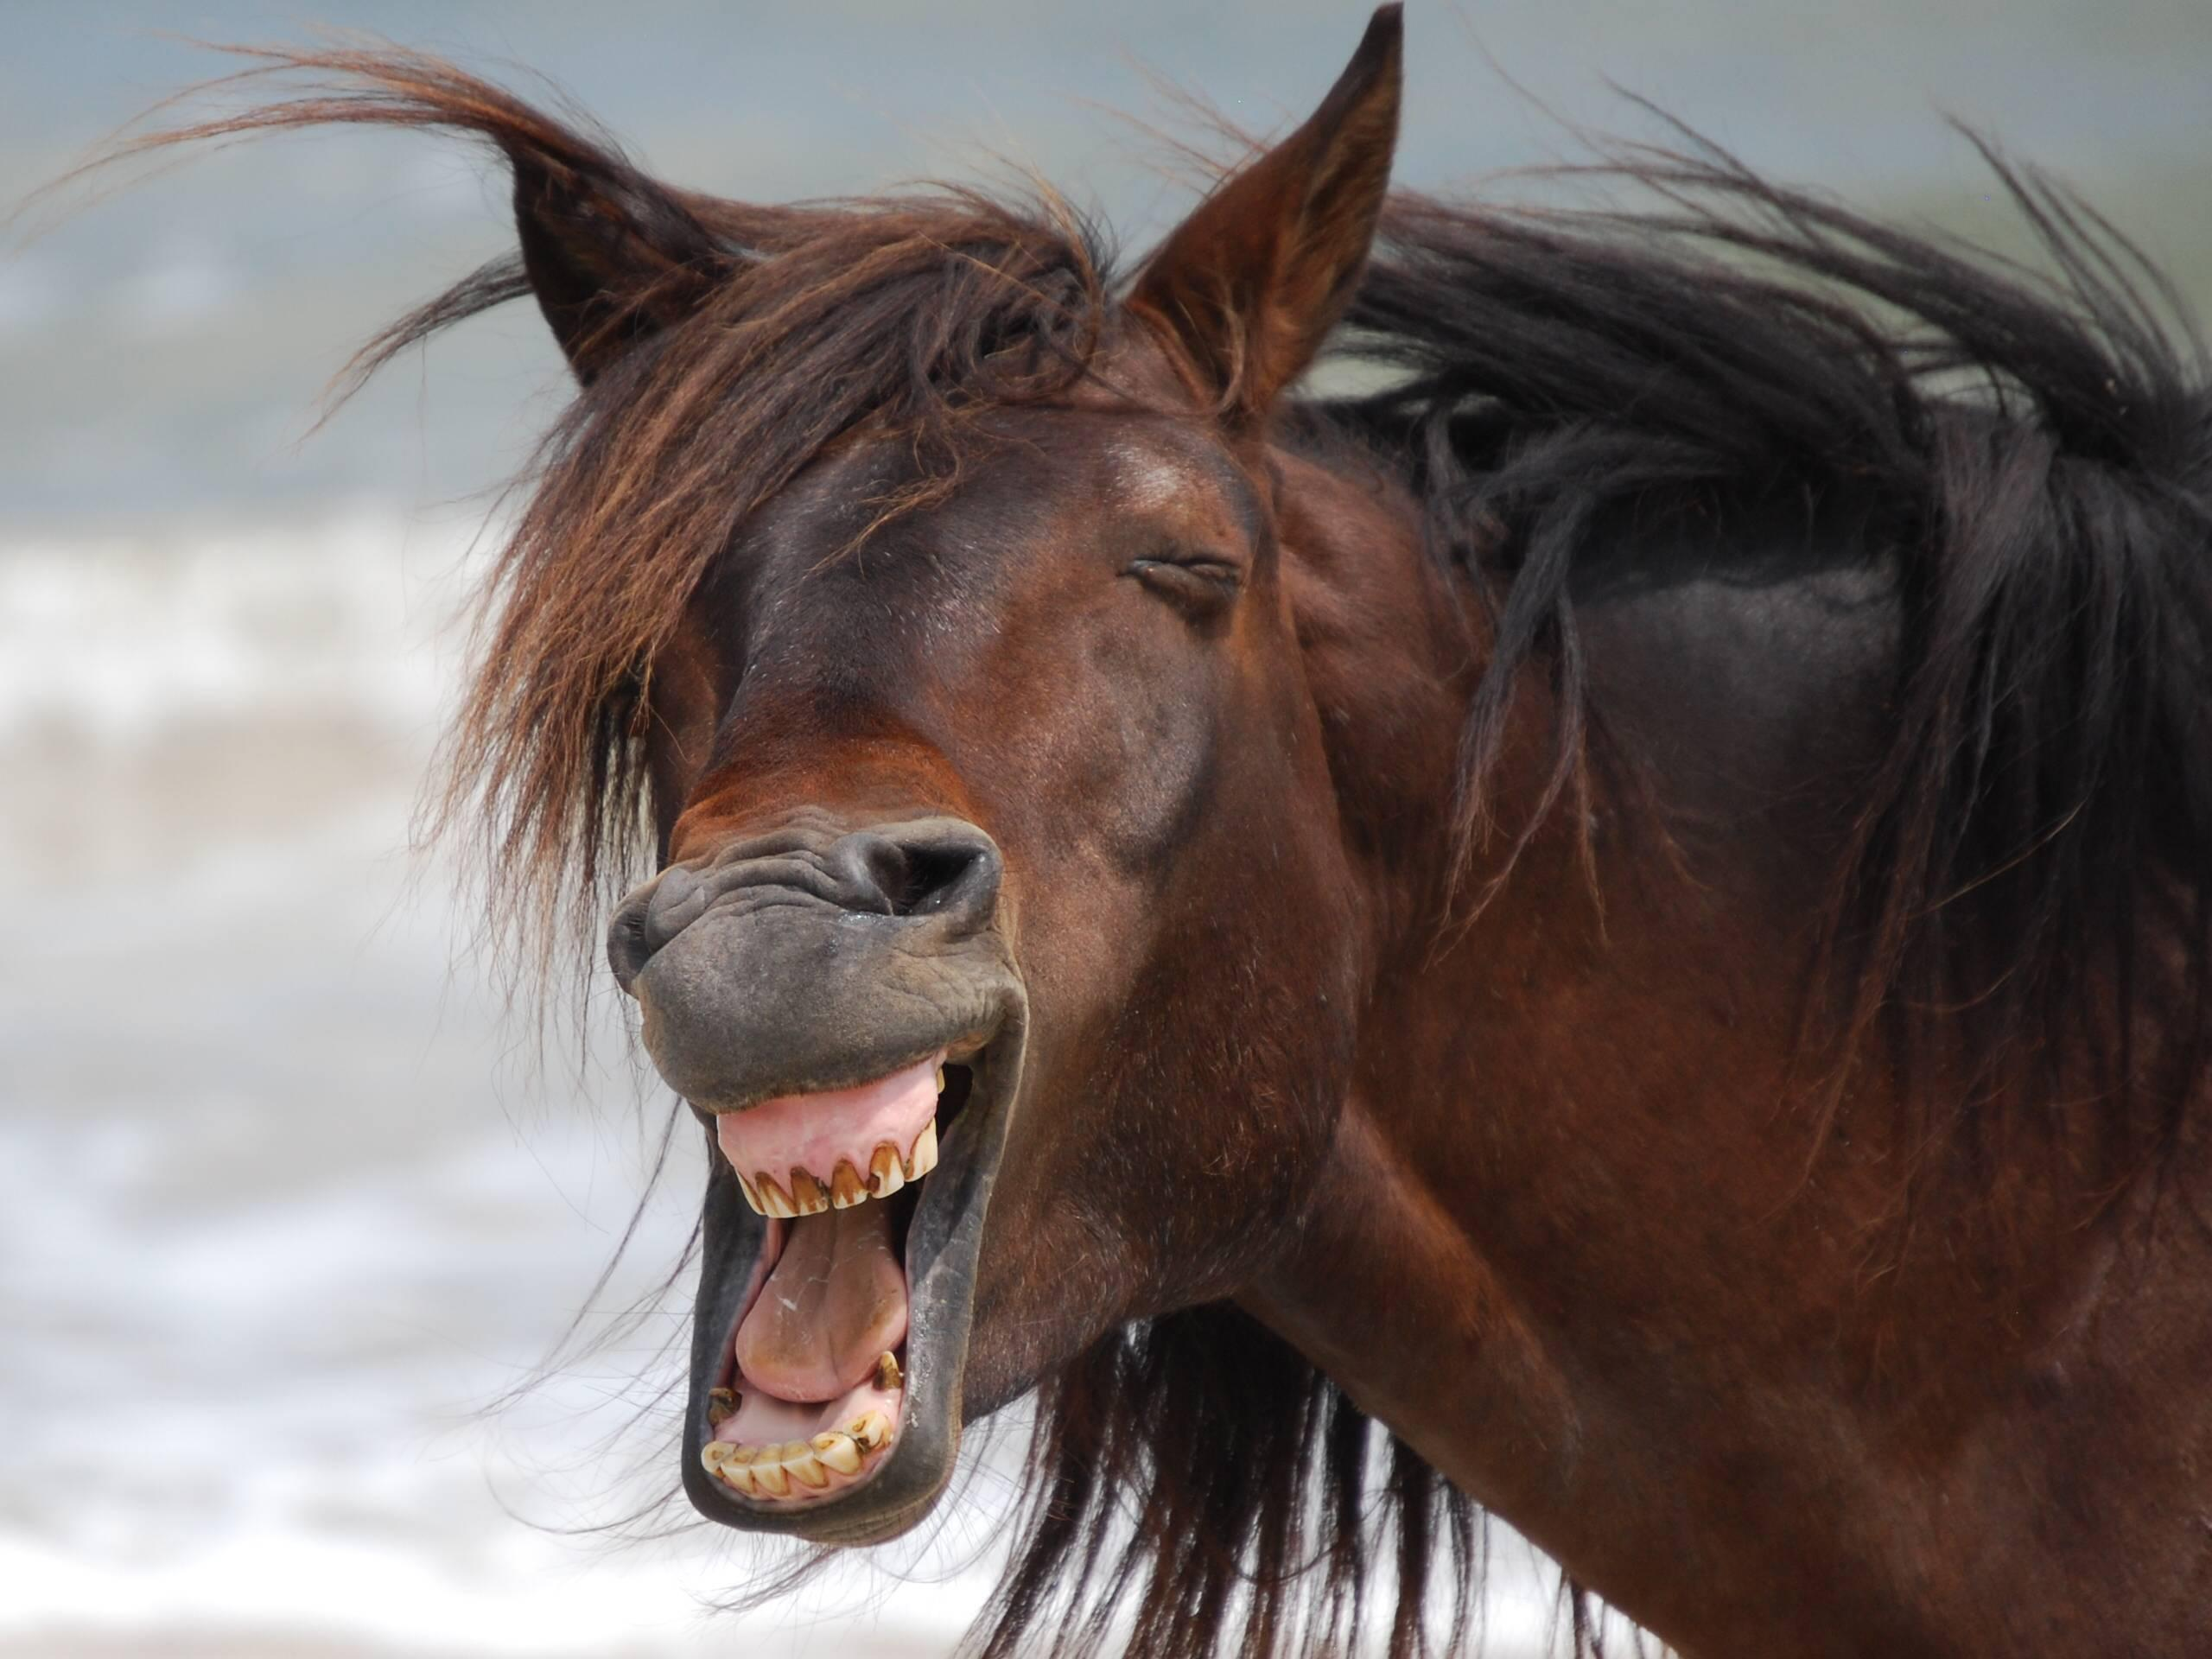 Смотреть картинки смешные про лошадей, лошадь